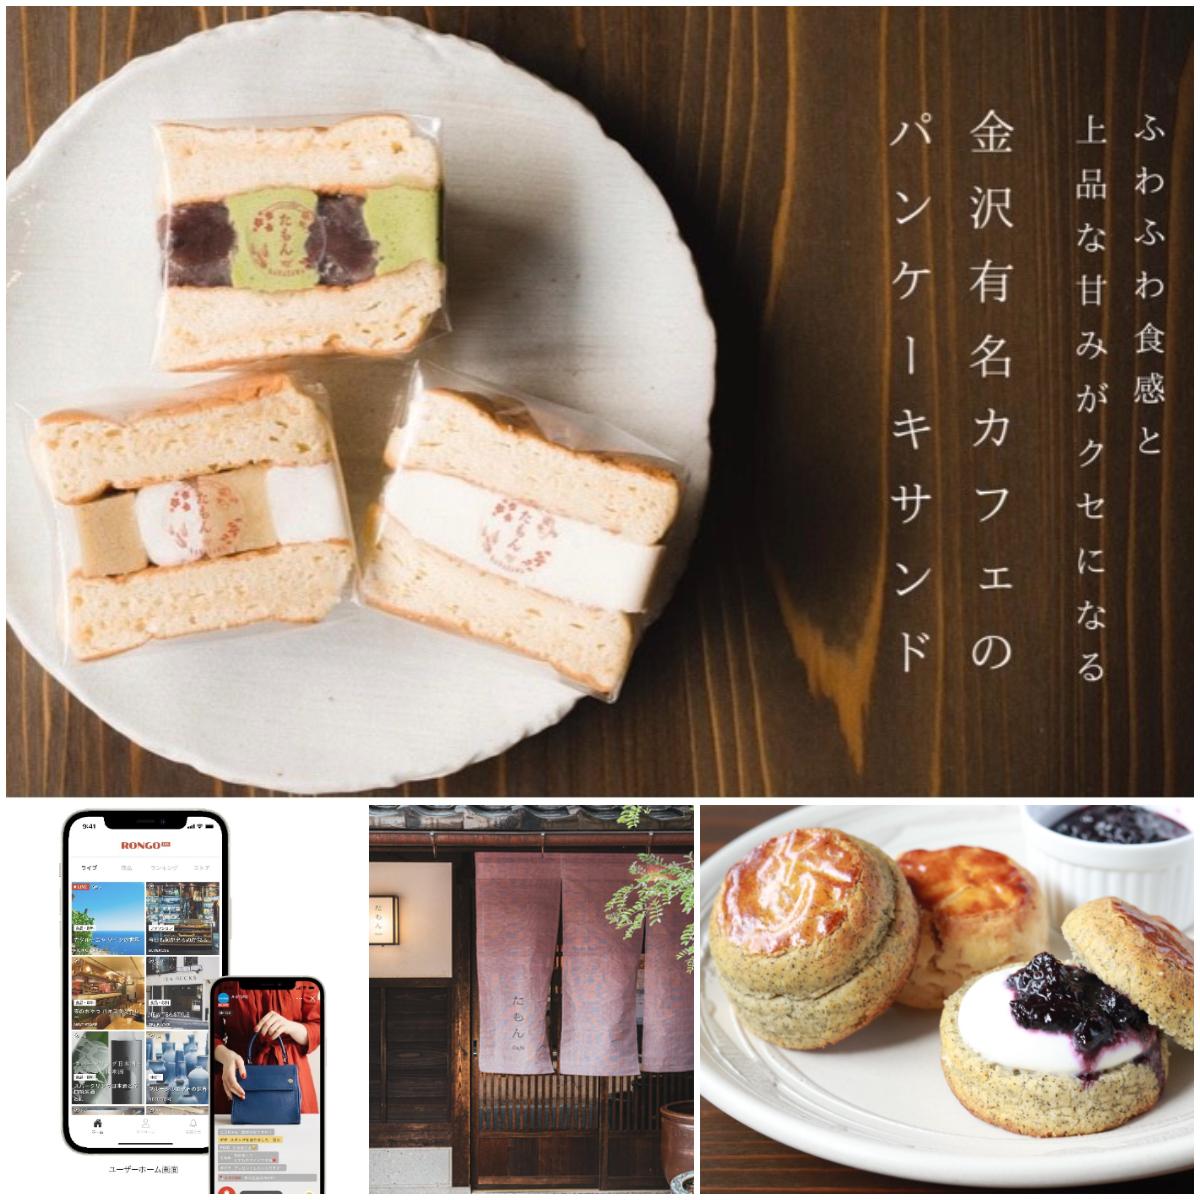 【8/13配信】ライブコマース「RONGO」に東山の人気店『Cafeたもん』が登場!